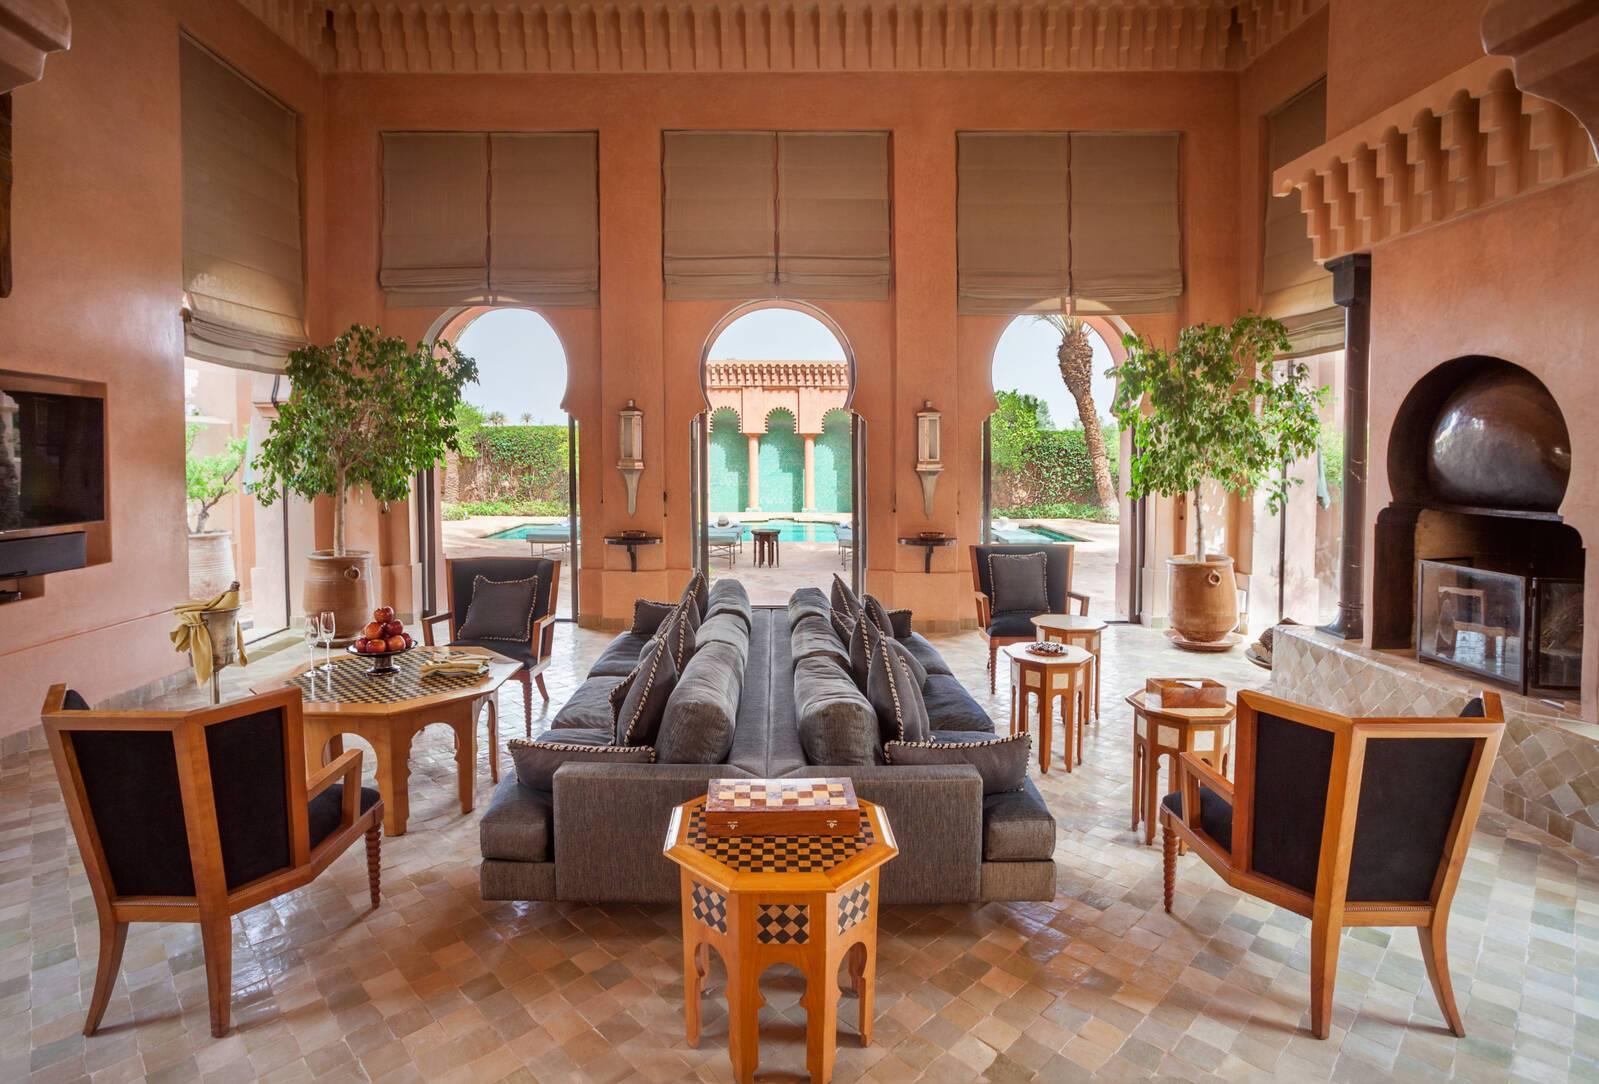 Amanjena Al Hamra Salon Marrakech